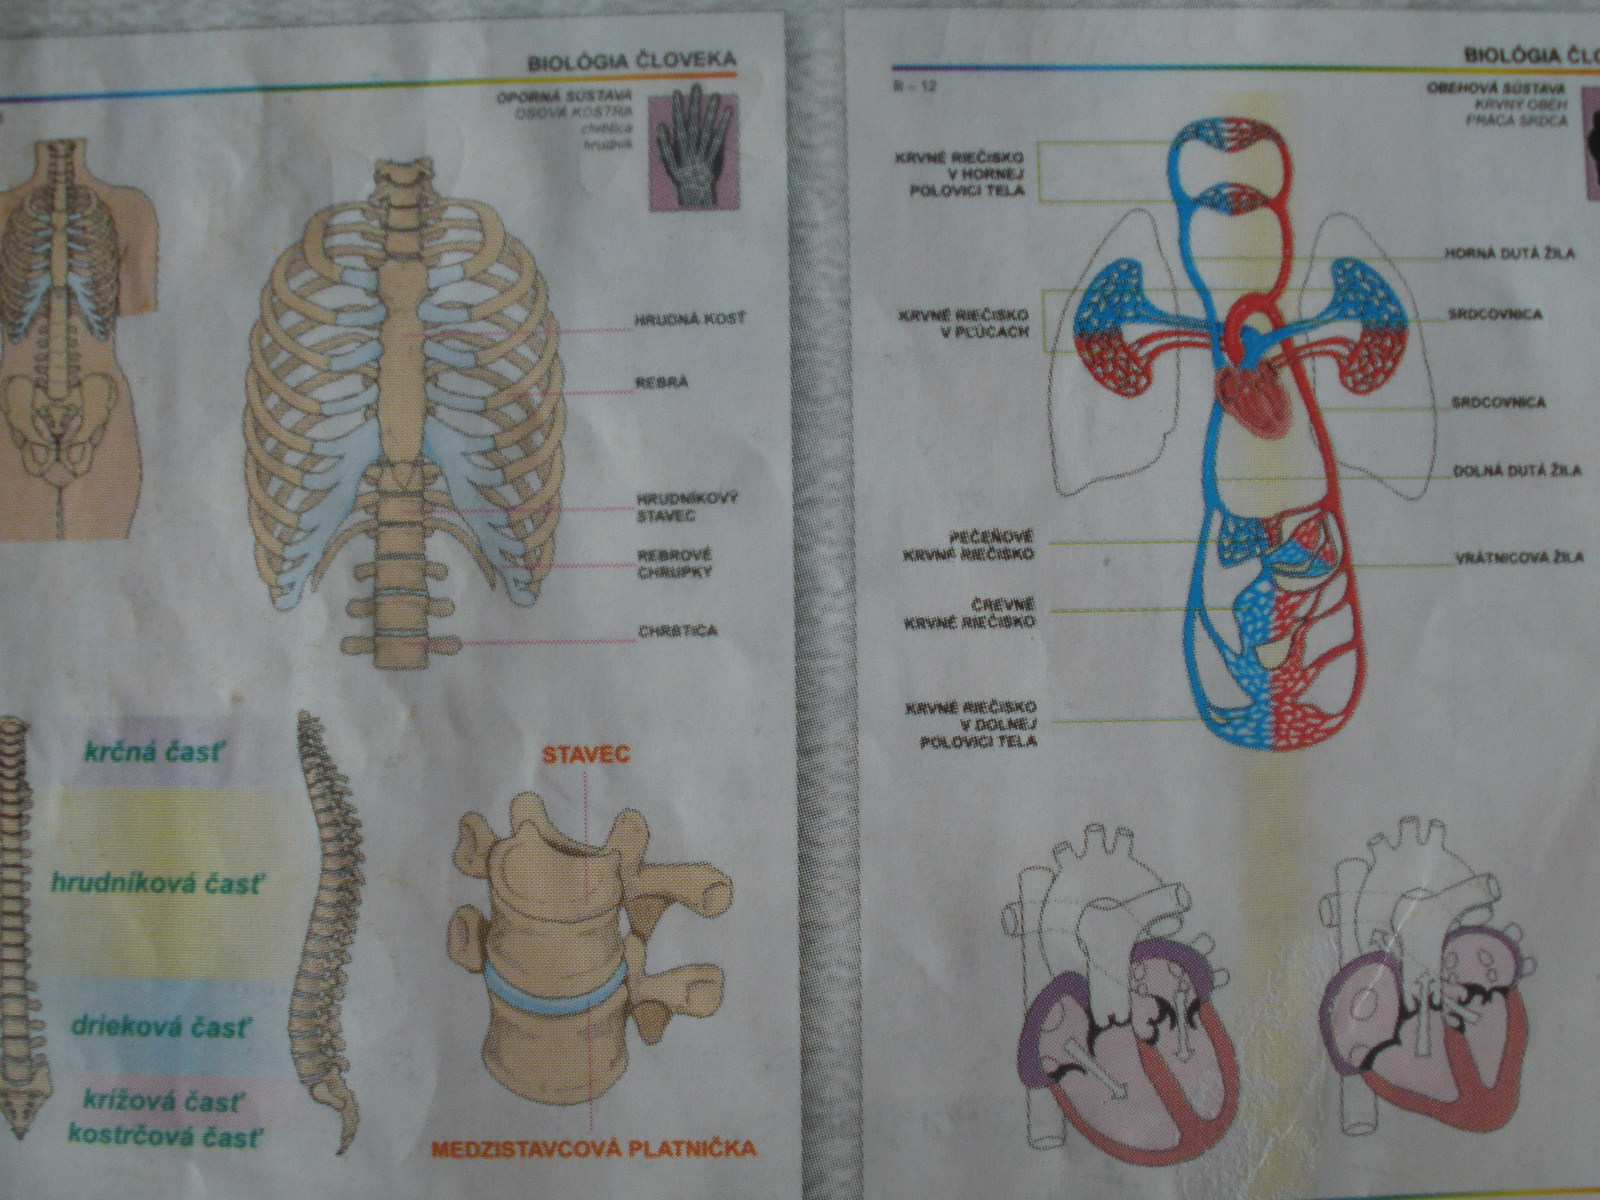 Biológia človeka I. pre ZŠ, SŠ = 26 ks fólií